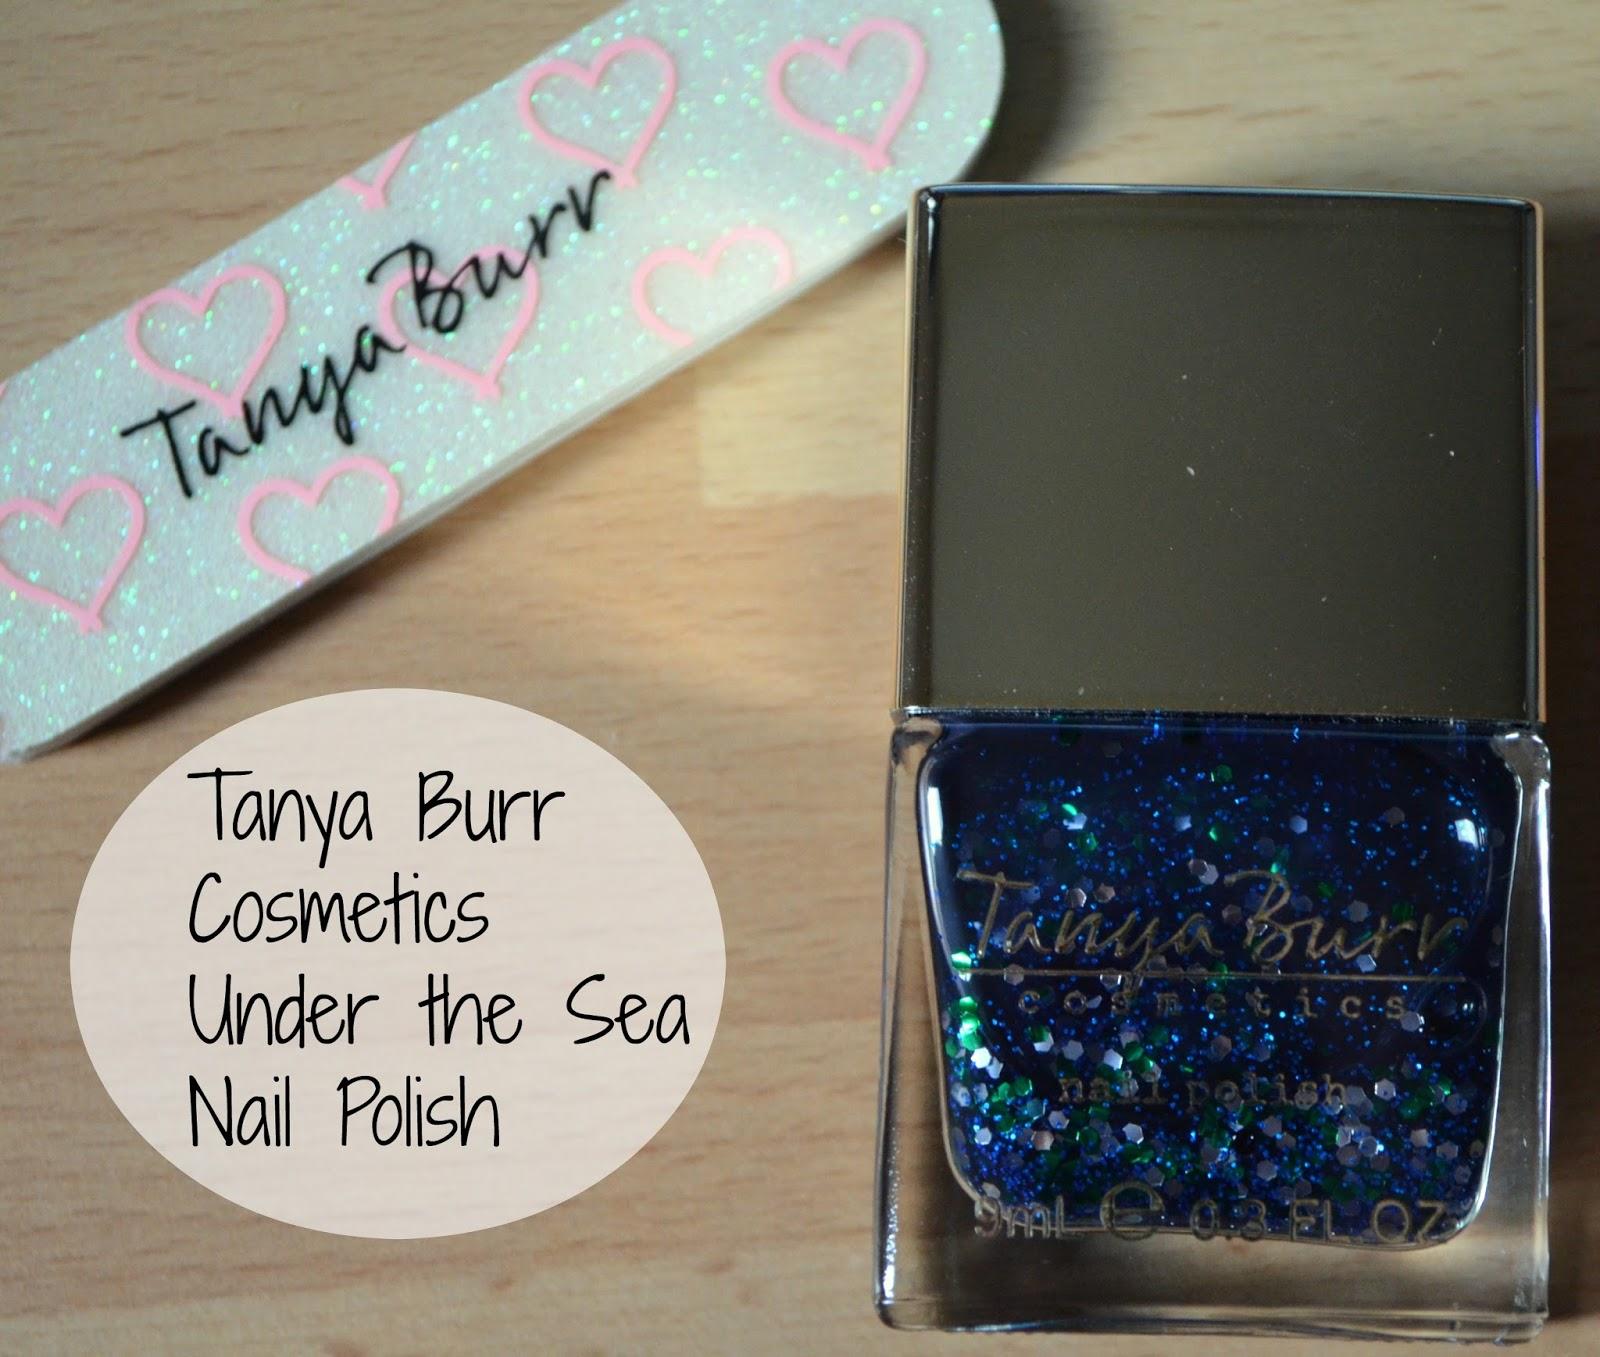 Laura likes beauty: Tanya Burr cosmetics under the sea nail polish